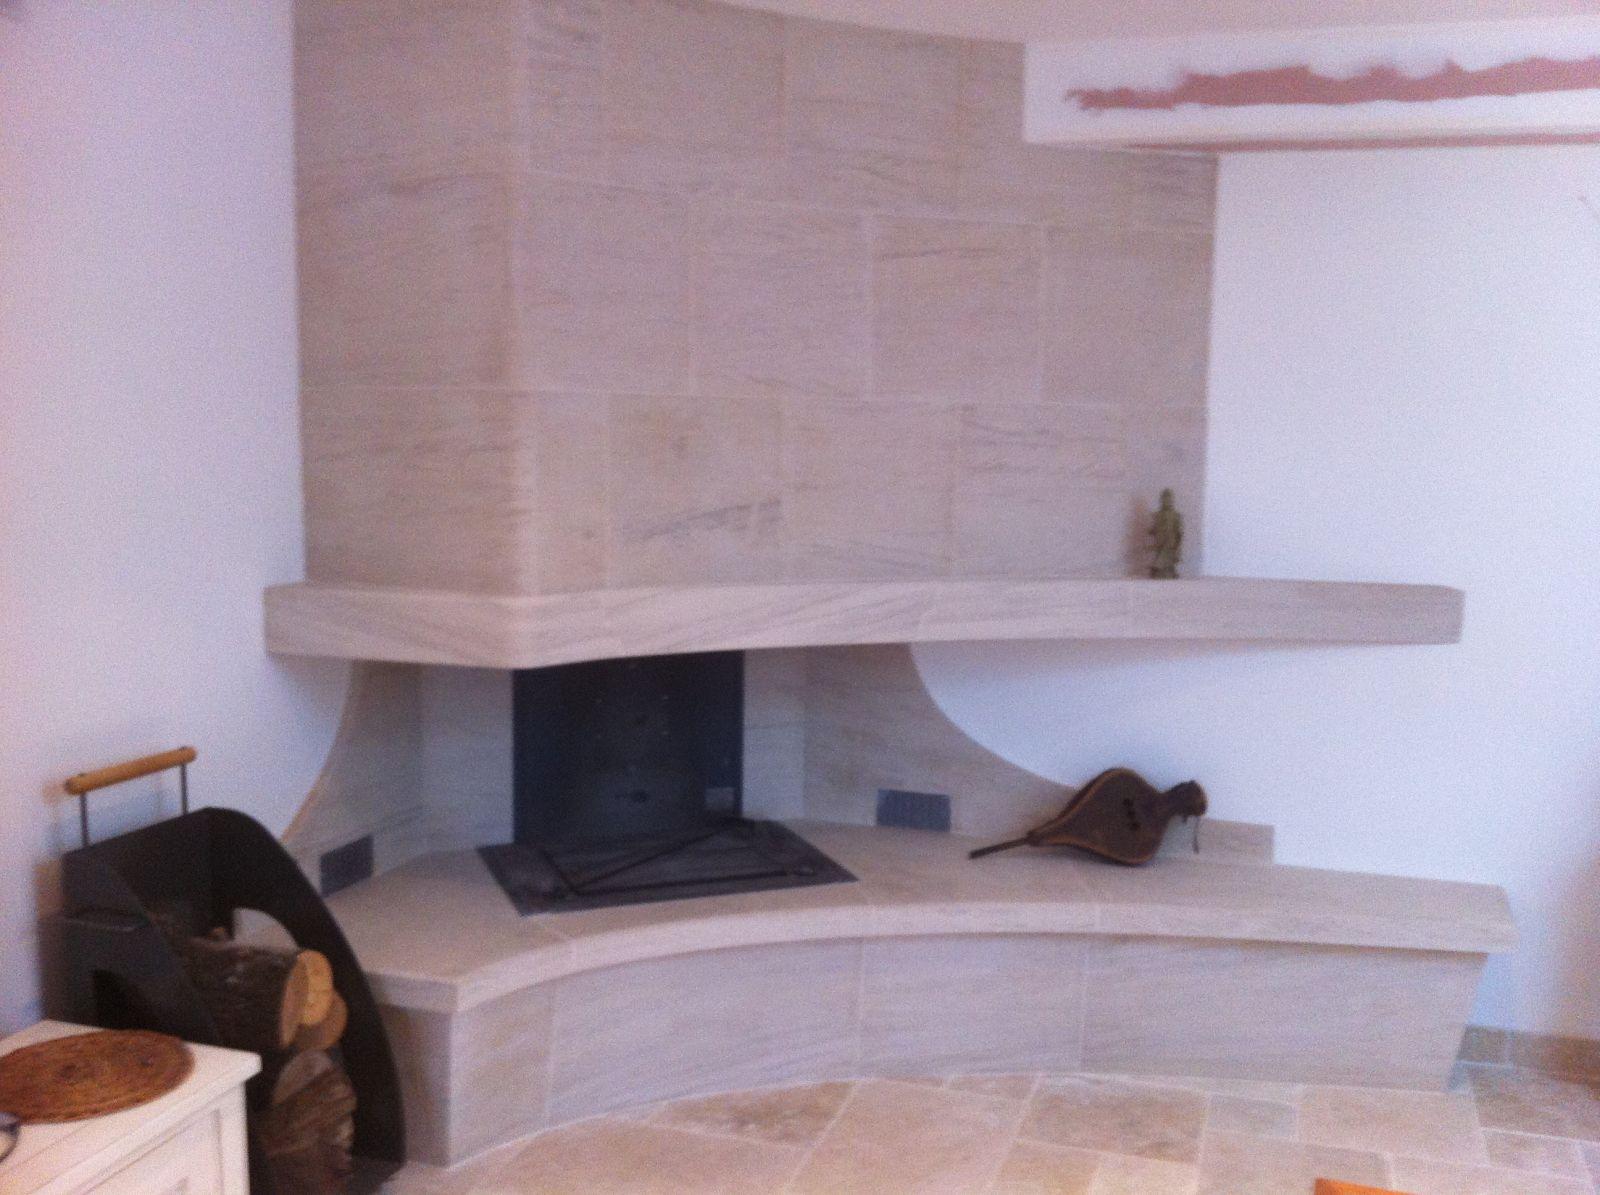 Habillage Cheminée D Angle création d'une cheminée d'angle à foyer ouvert avec system